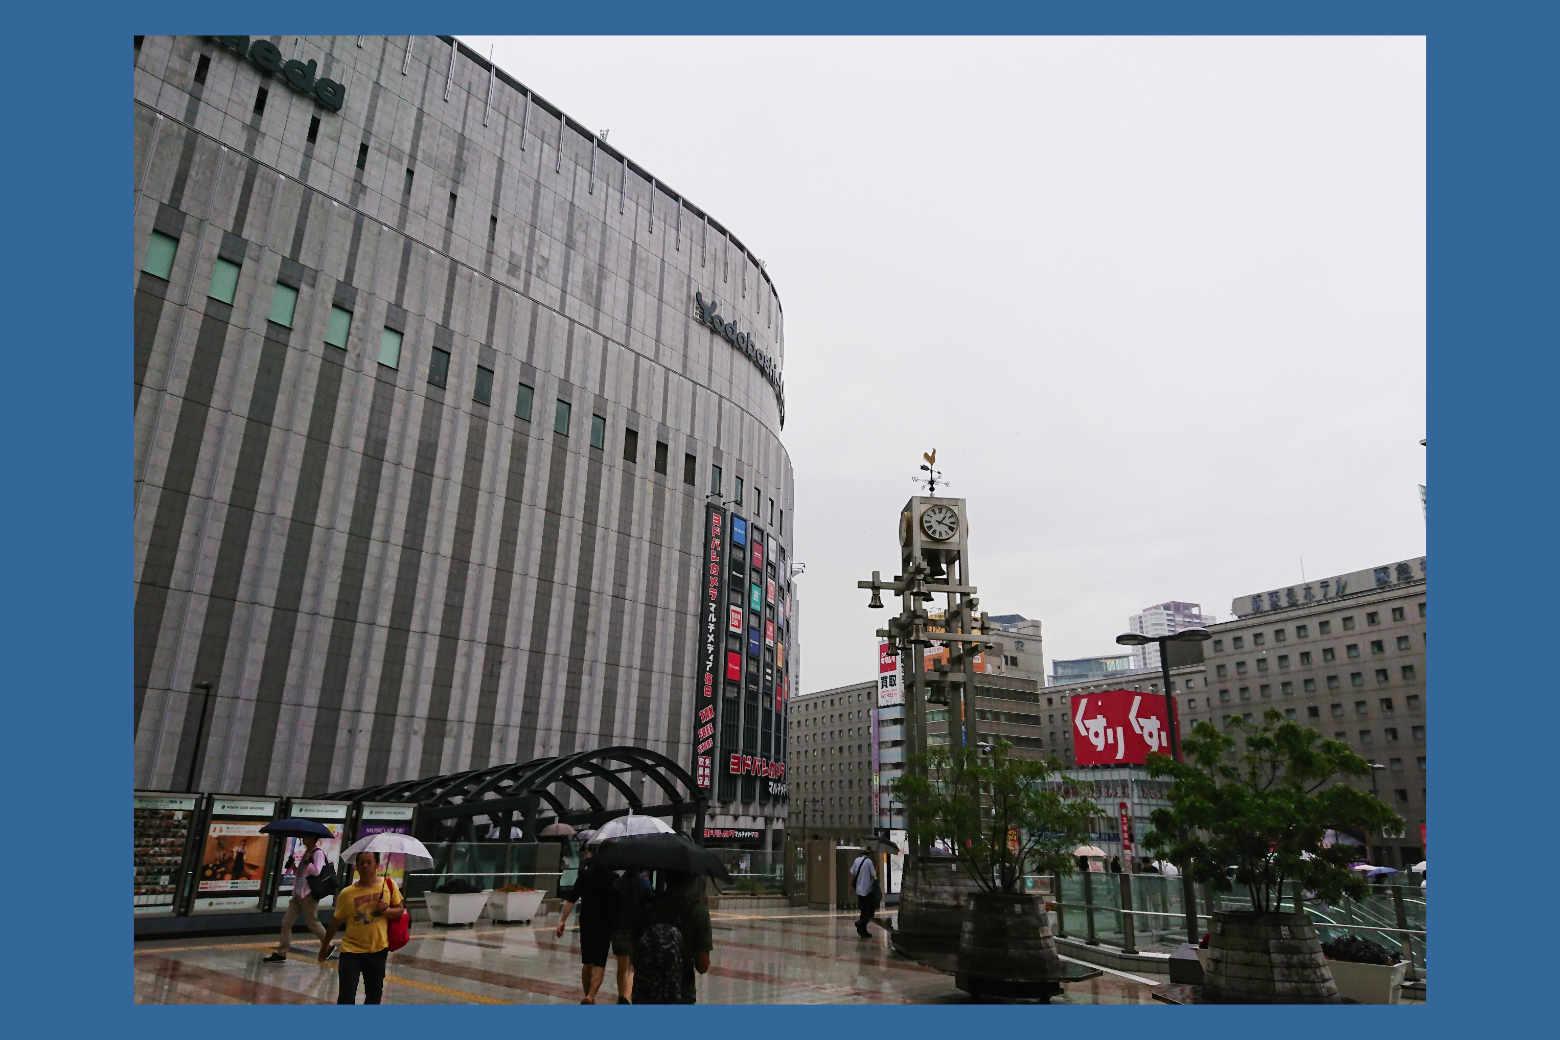 ヨドバシカメラ マルチメディア梅田